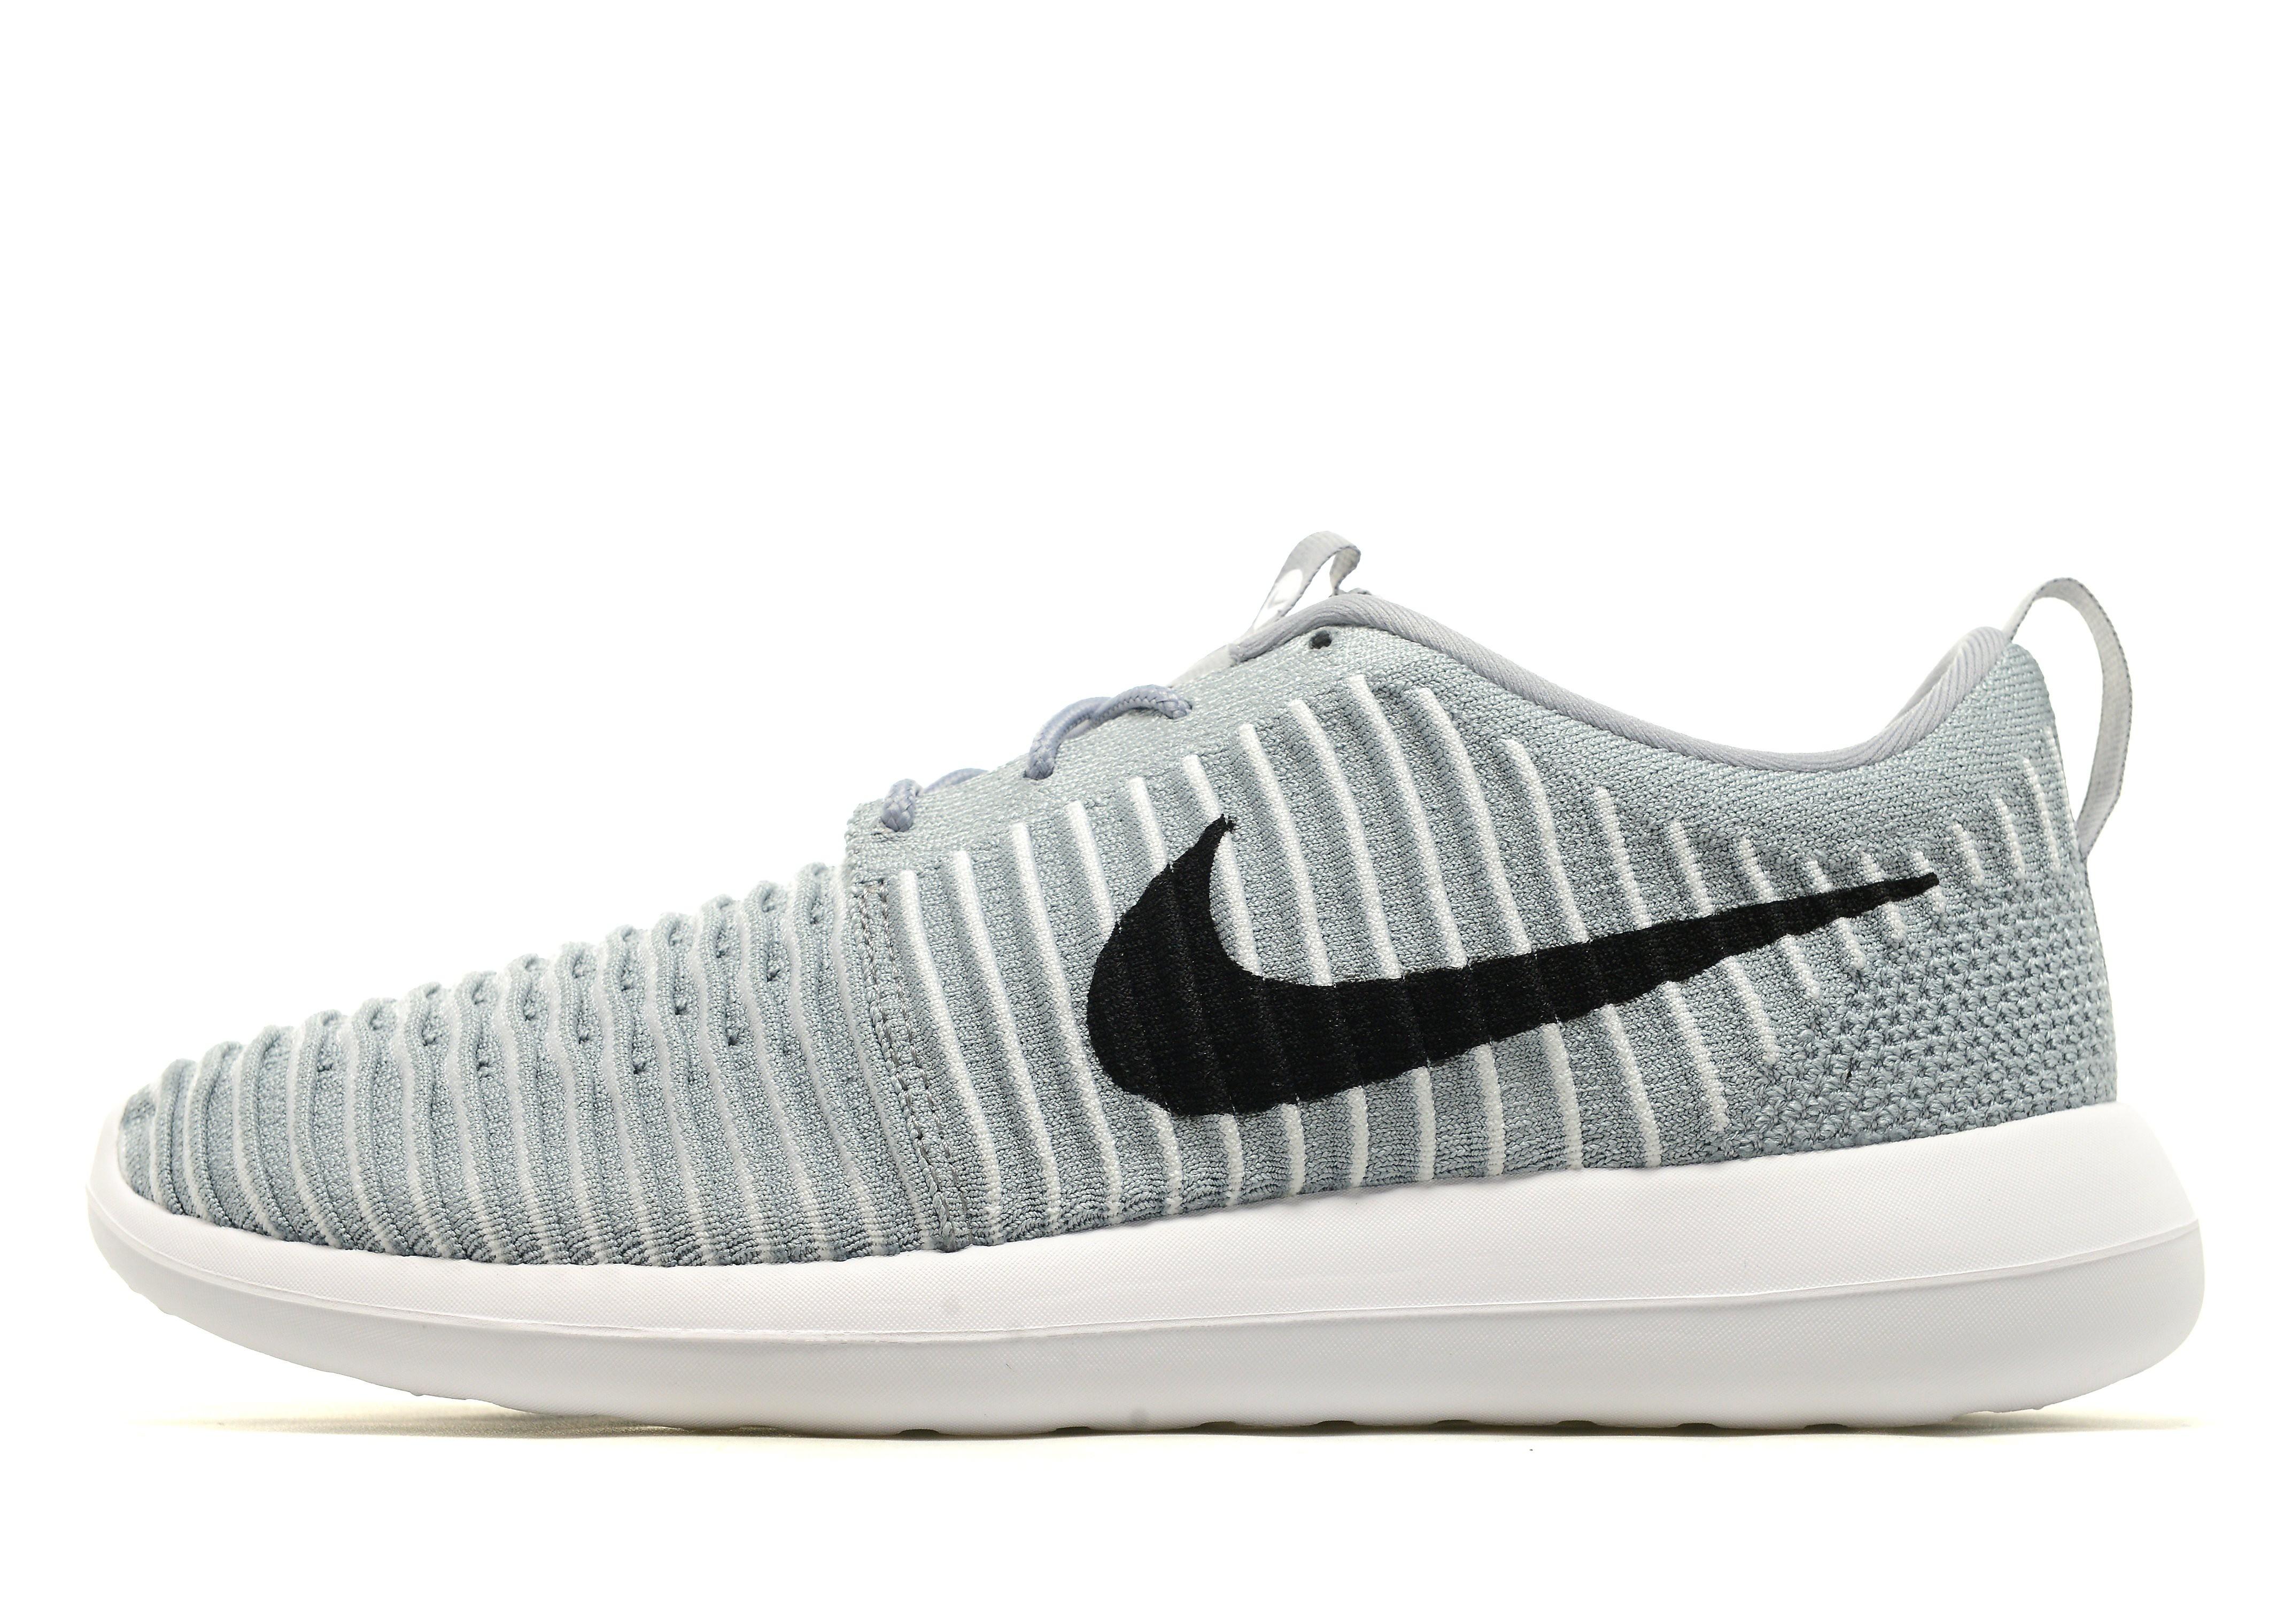 Nike Roshe 2 Flyknit